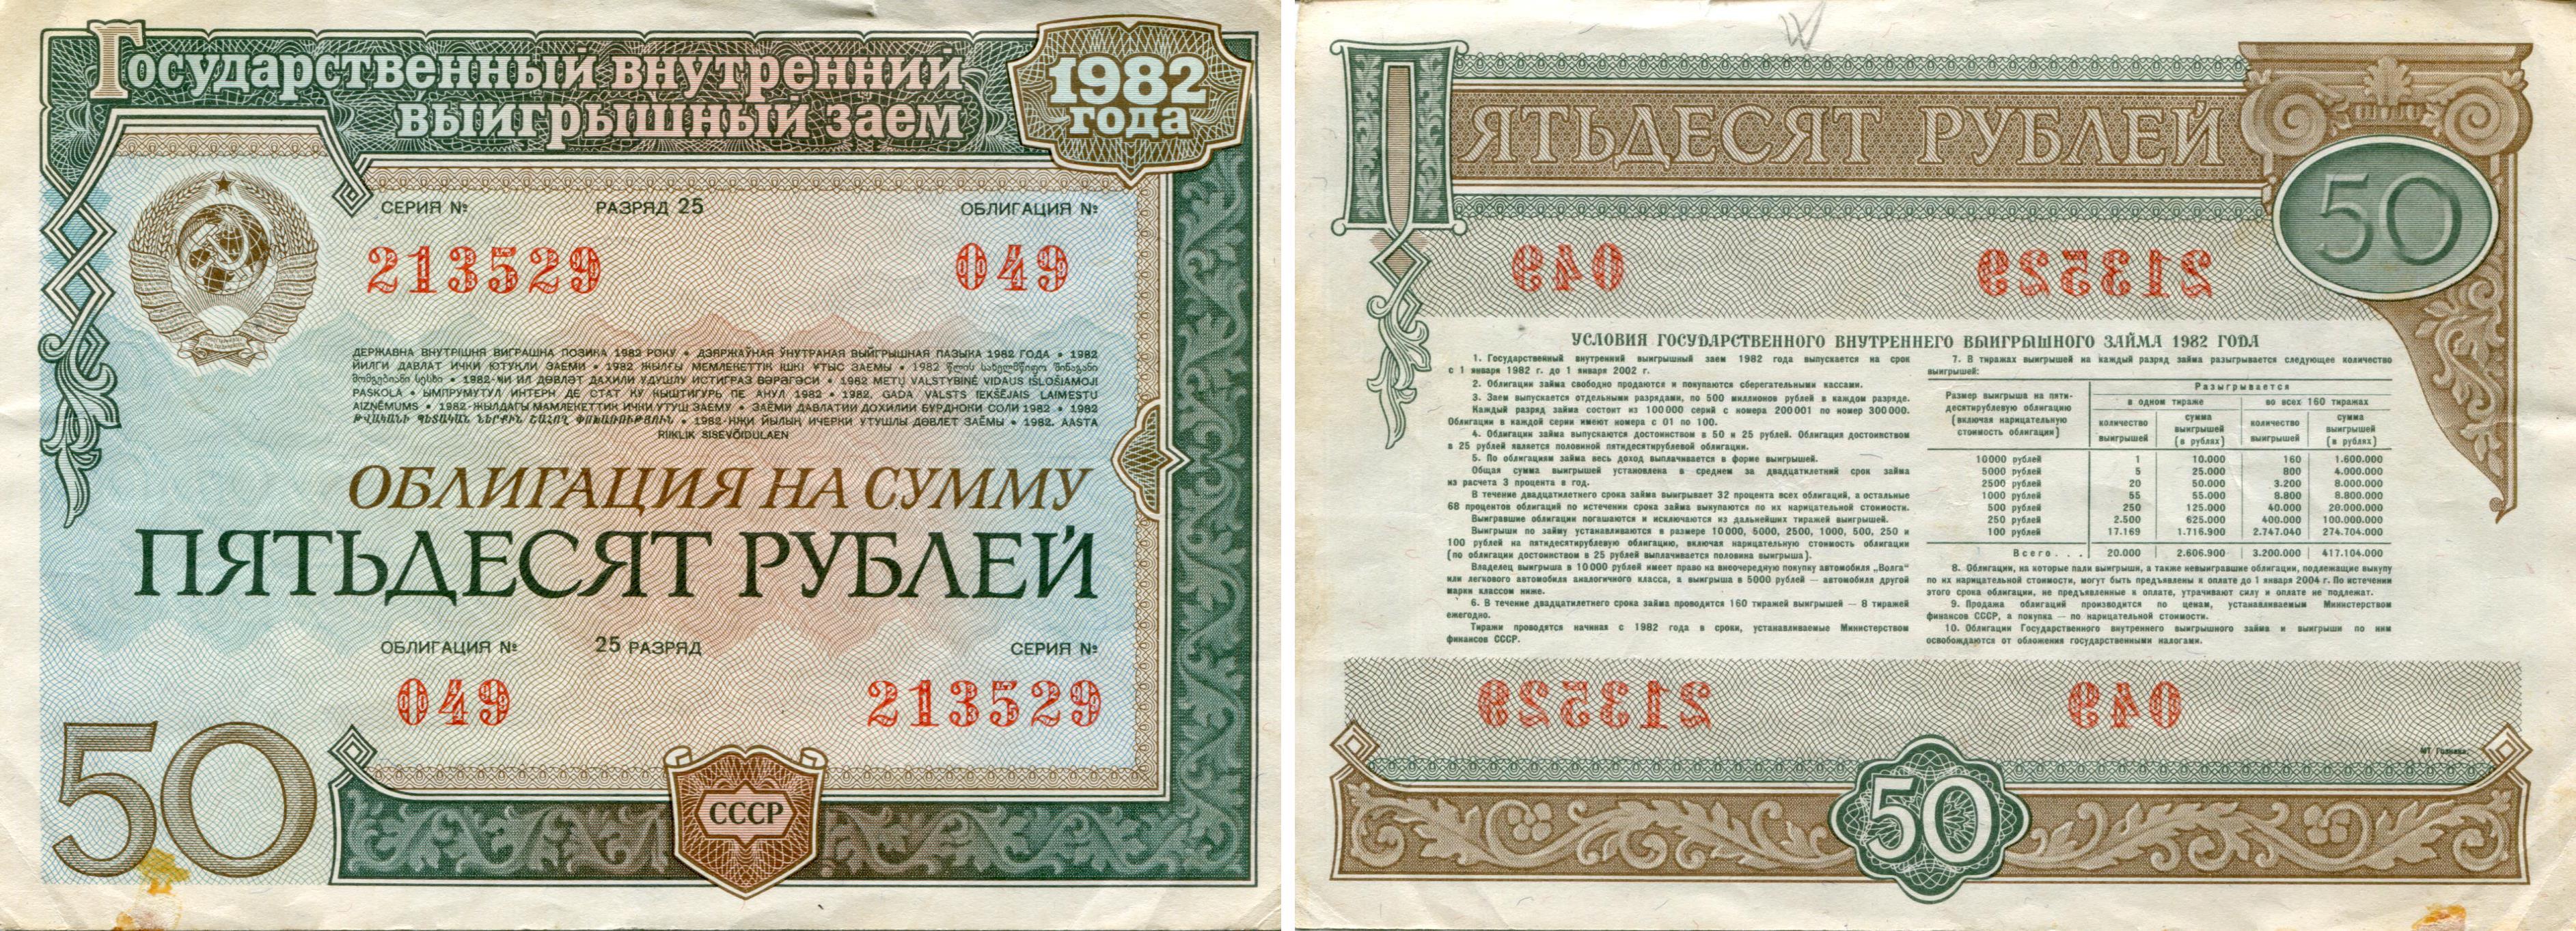 bi-metal UNC Russia 10 rubles 2017 year Tambov region -Тамбовская NEW!